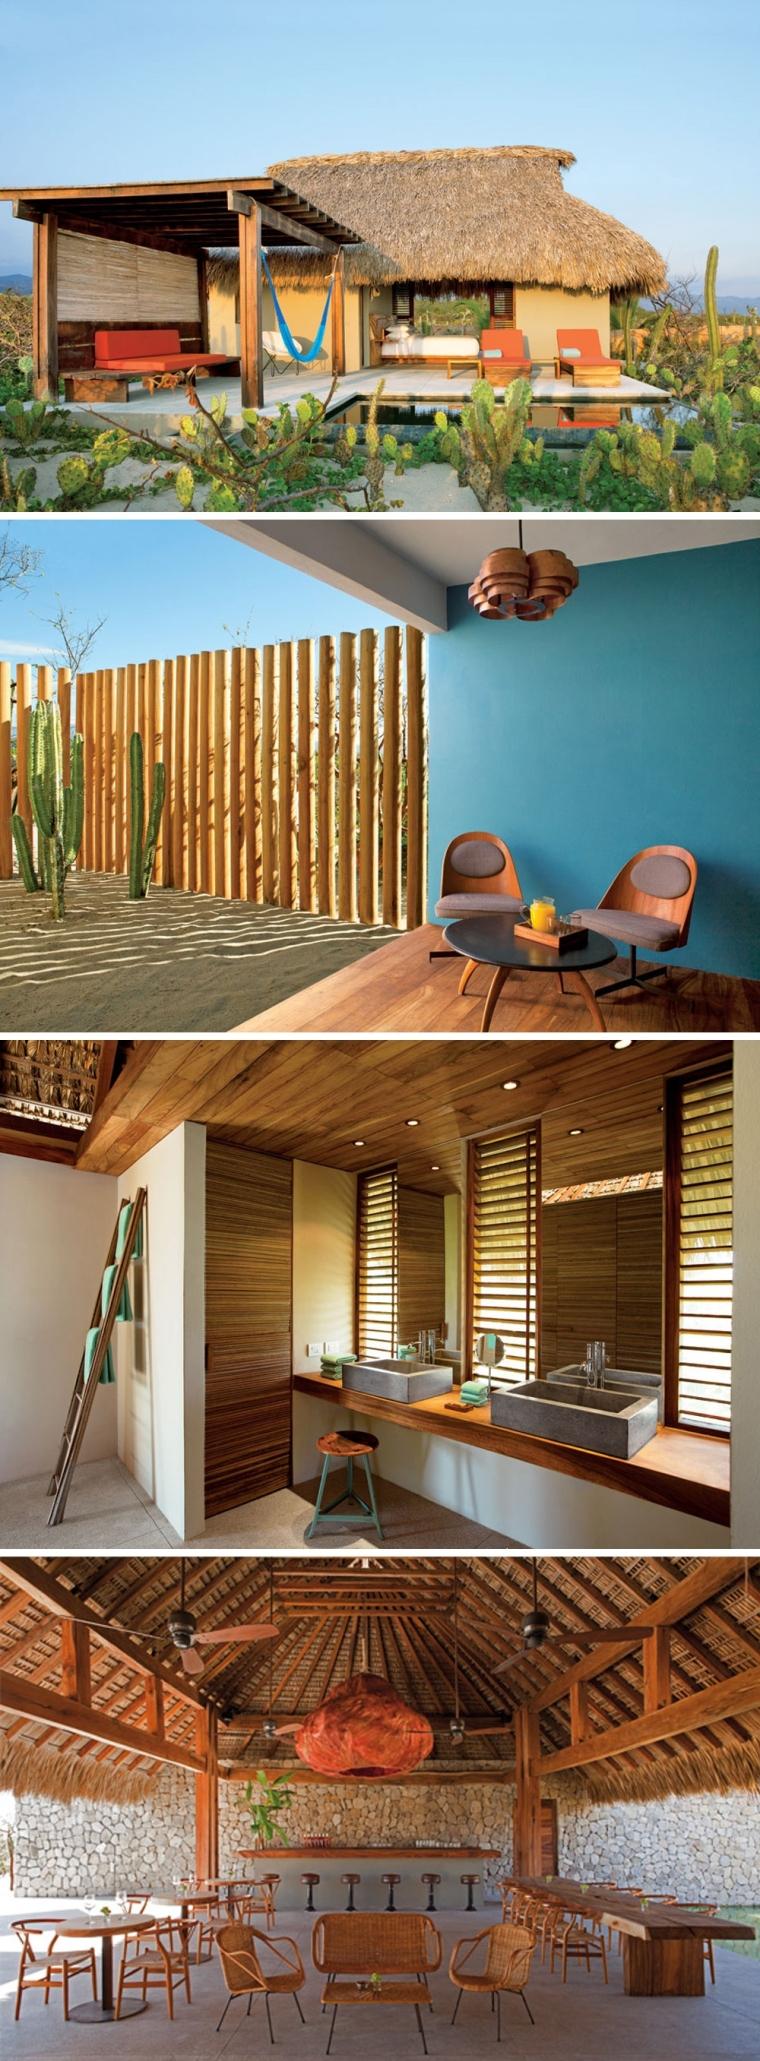 Detalles de los exteriores e interiores del Hotel Escondido. Fotografías de Undine Pröhl.